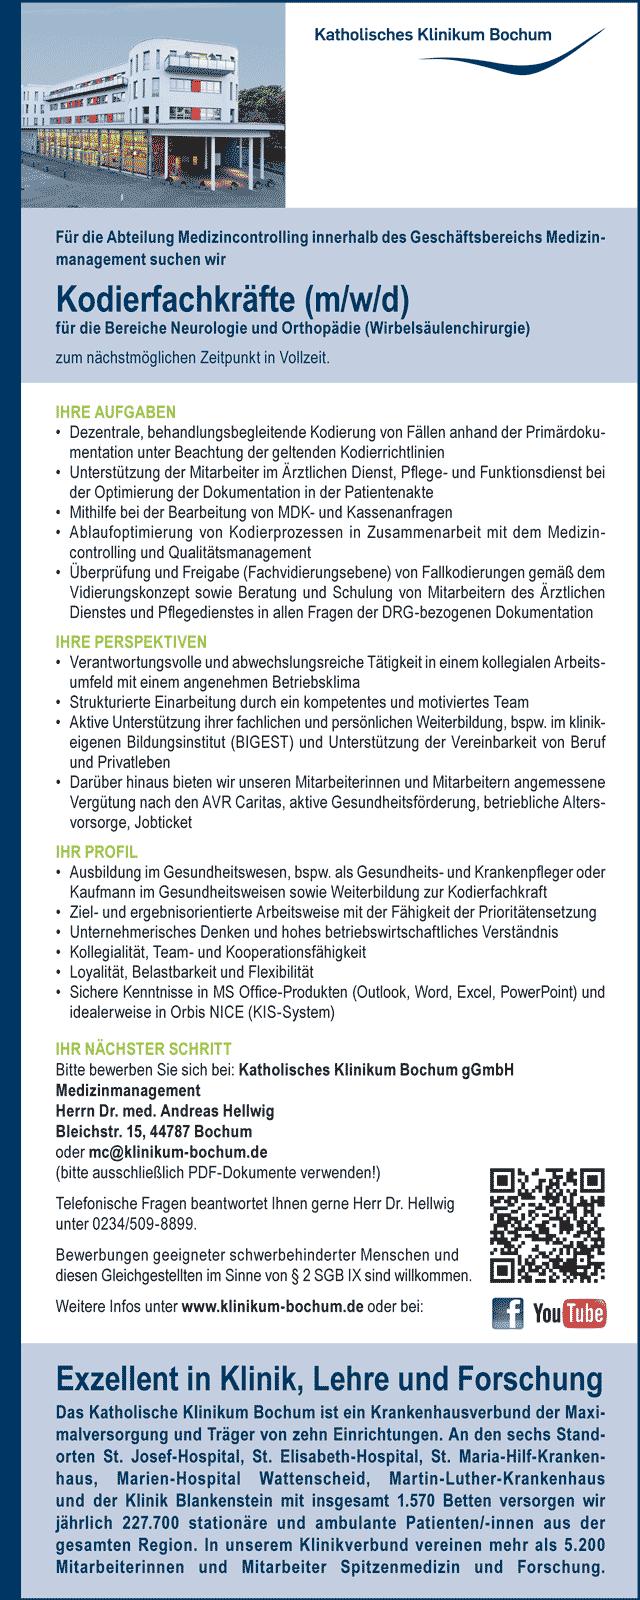 Katholisches Klinikum Bochum: Kodierfachkräfte (m/w/d)